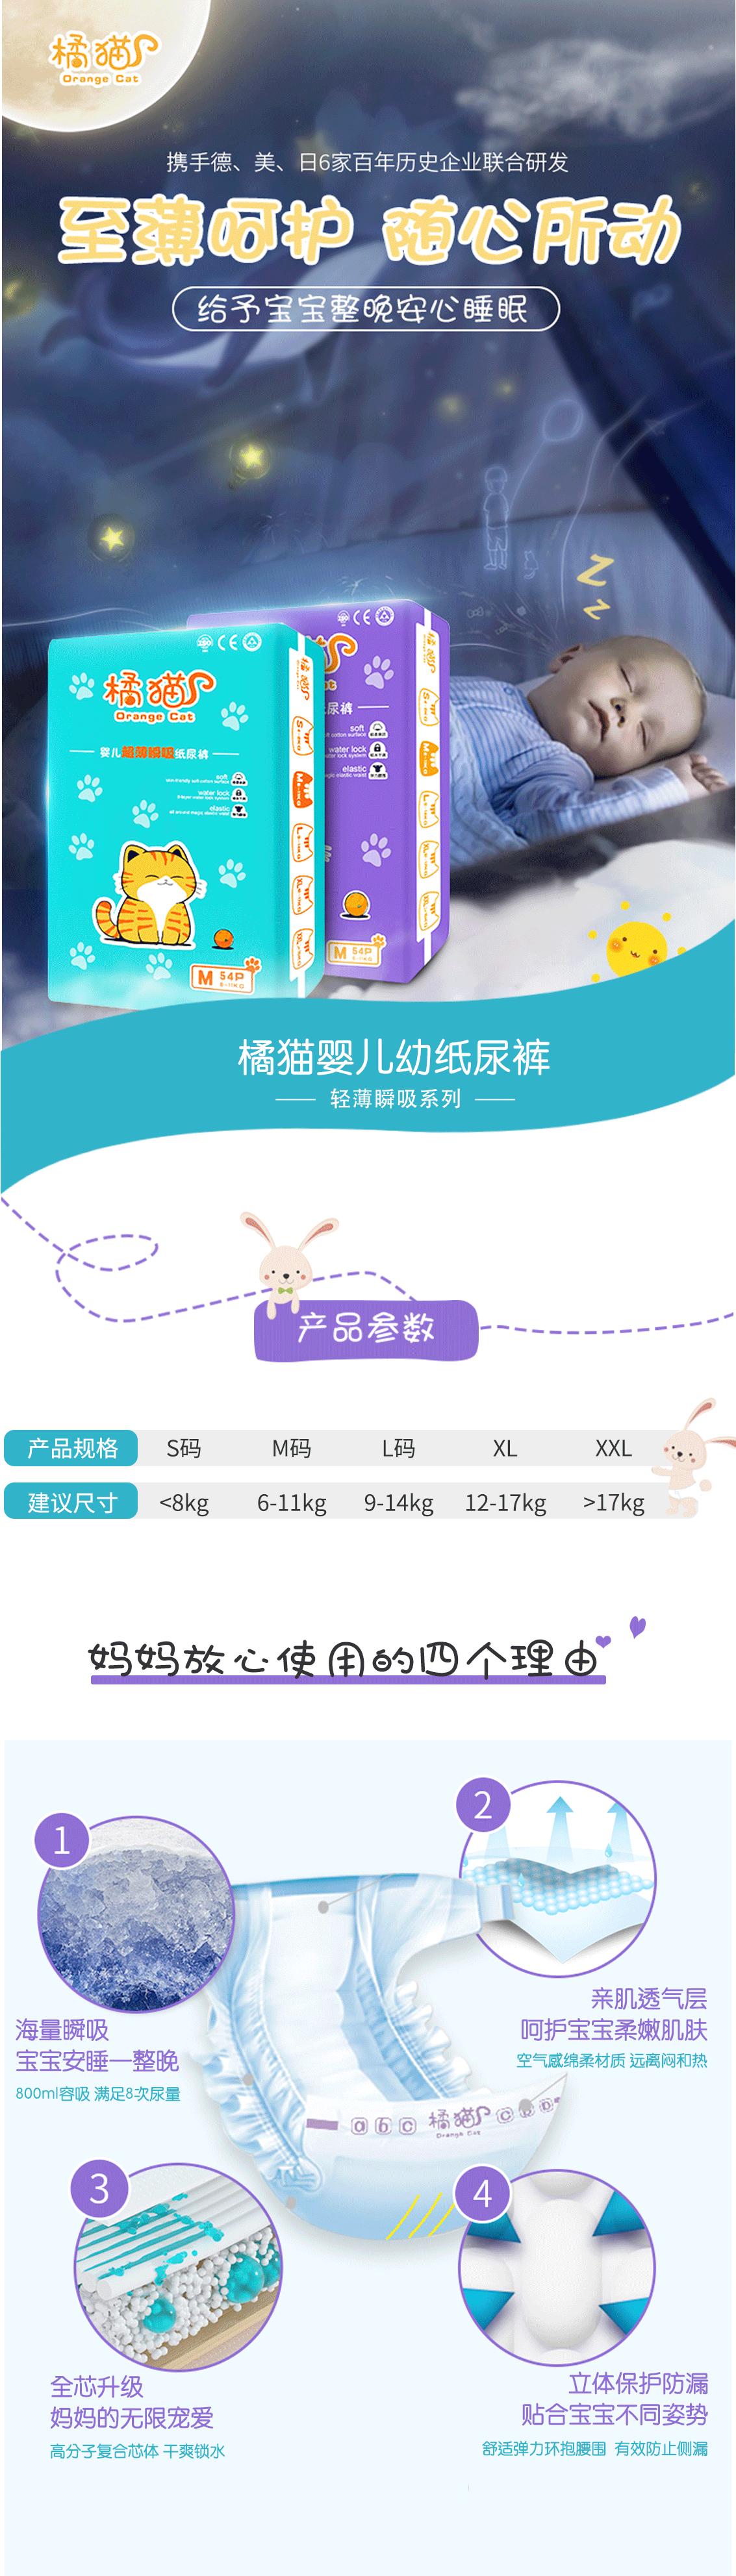 橘猫系列新品介绍